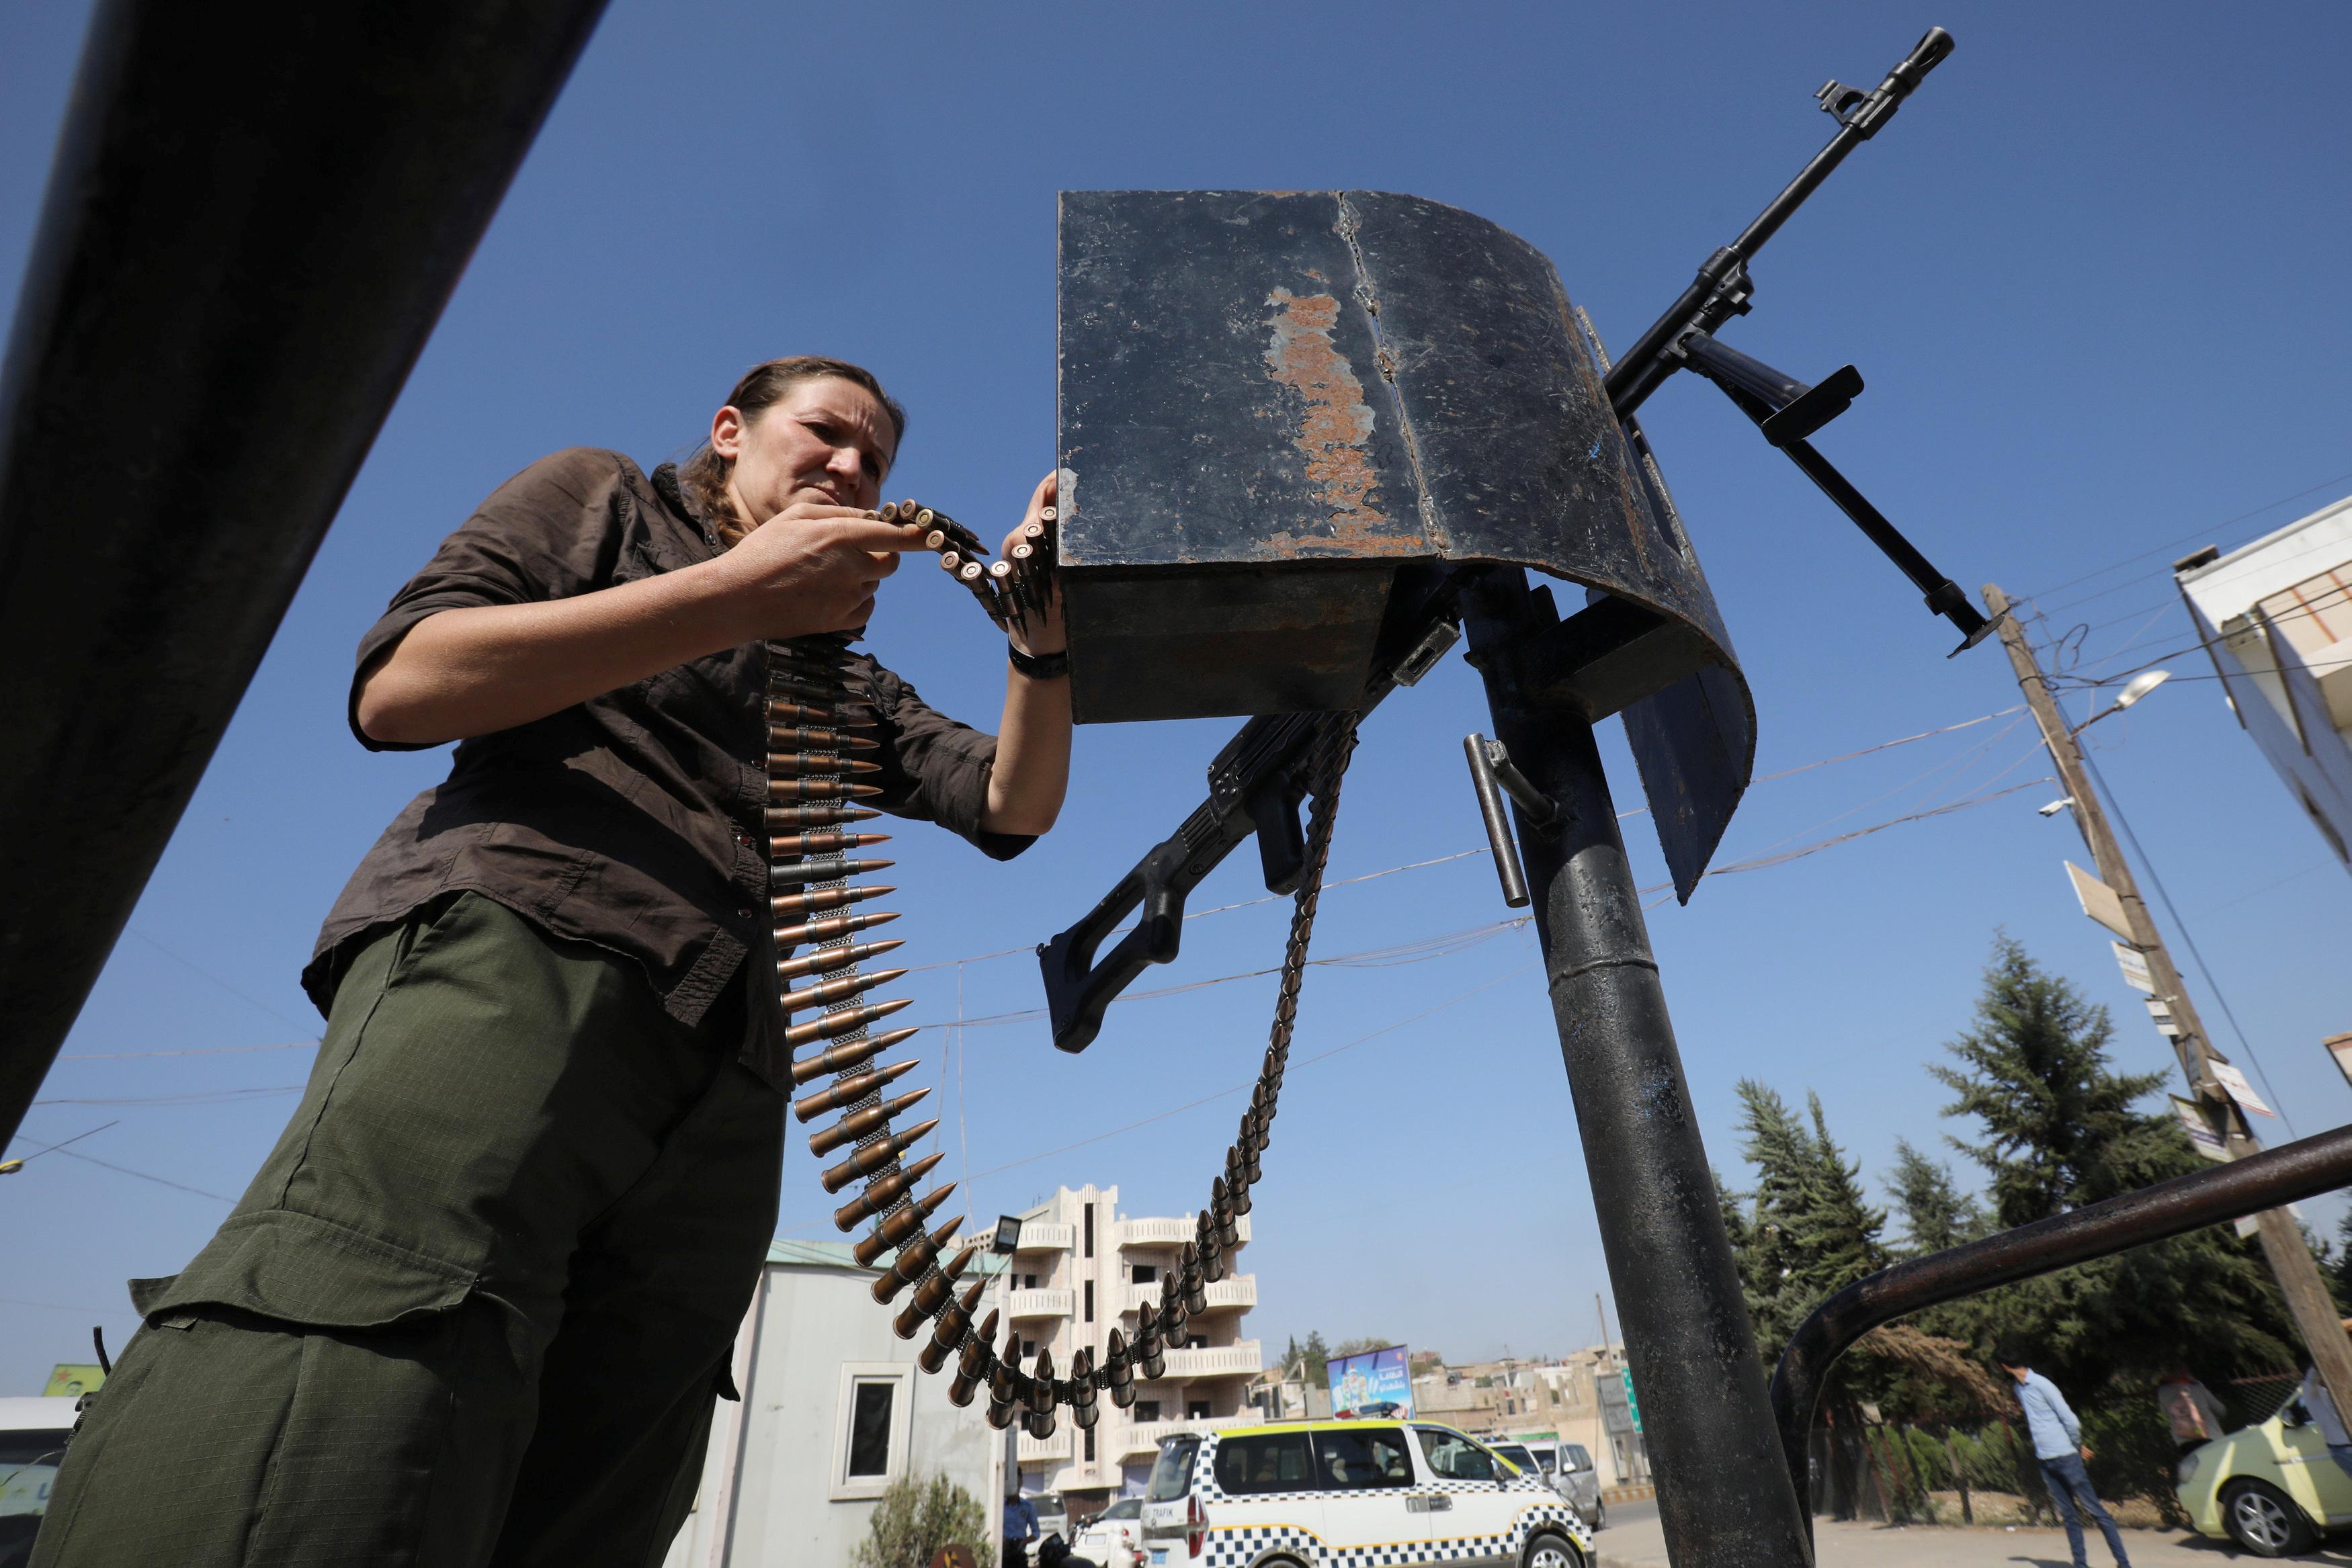 Συρία: Τελικά… αποχώρησαν ή όχι οι Κούρδοι – Άλλα λένε οι ΗΠΑ άλλα η Ρωσία